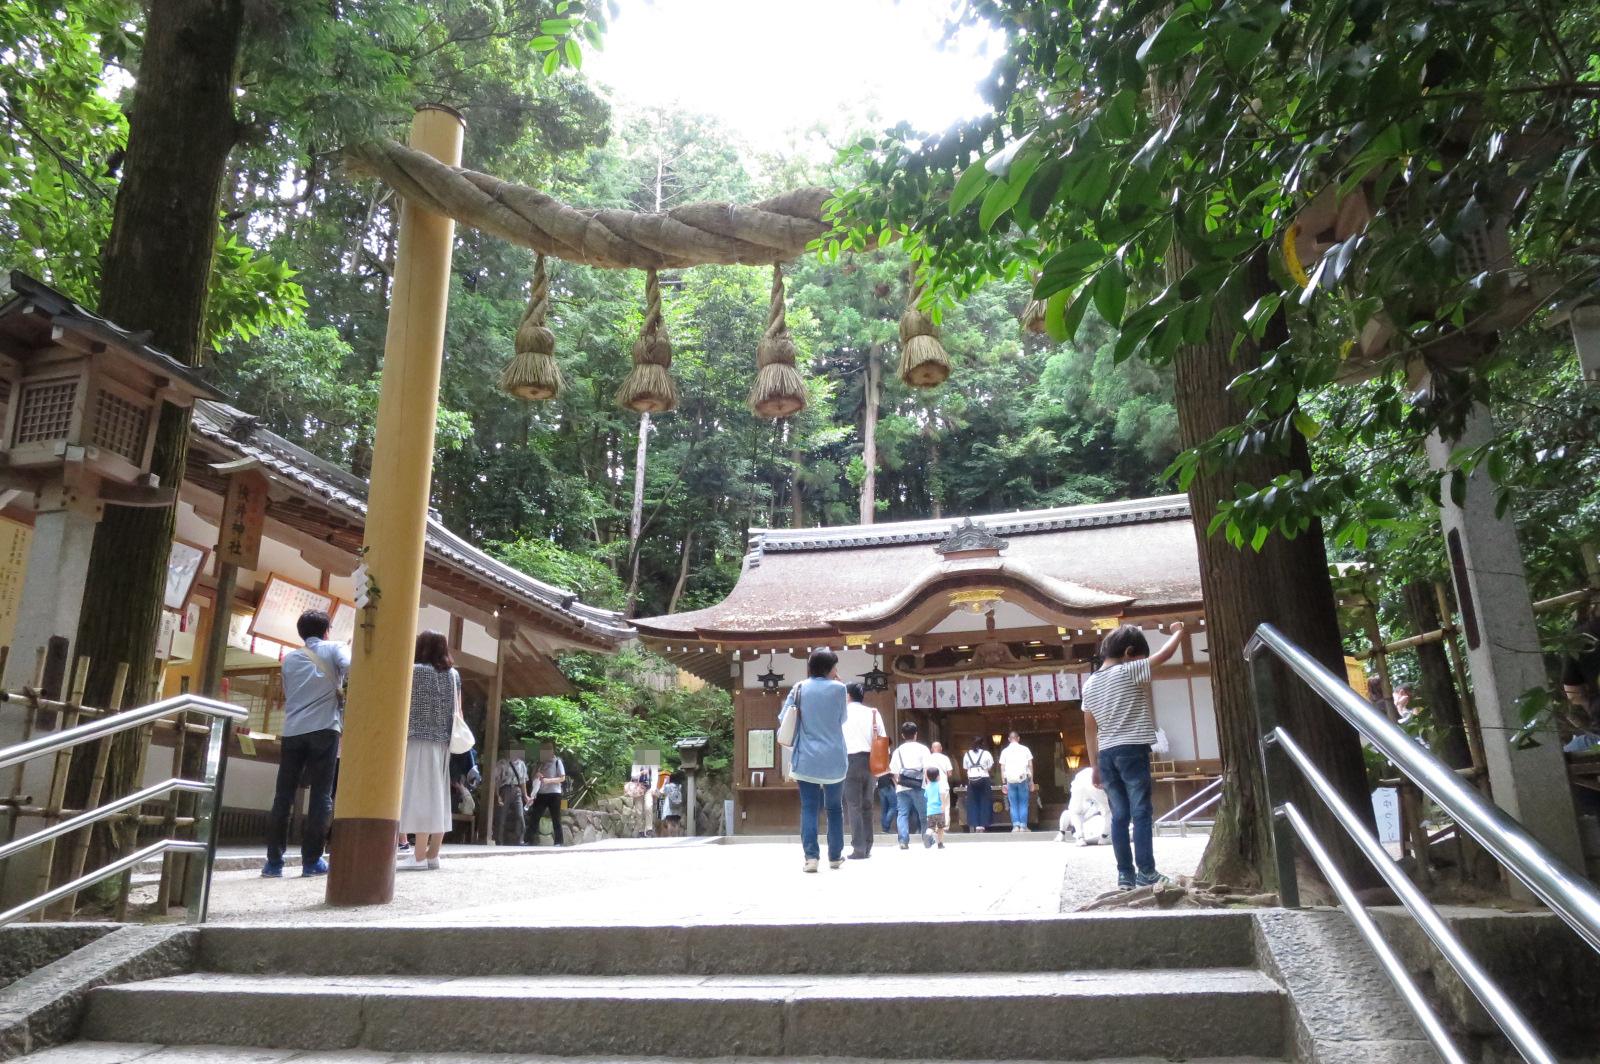 狭井(さい)神社。病気平癒の神様として信仰の篤い神社です。